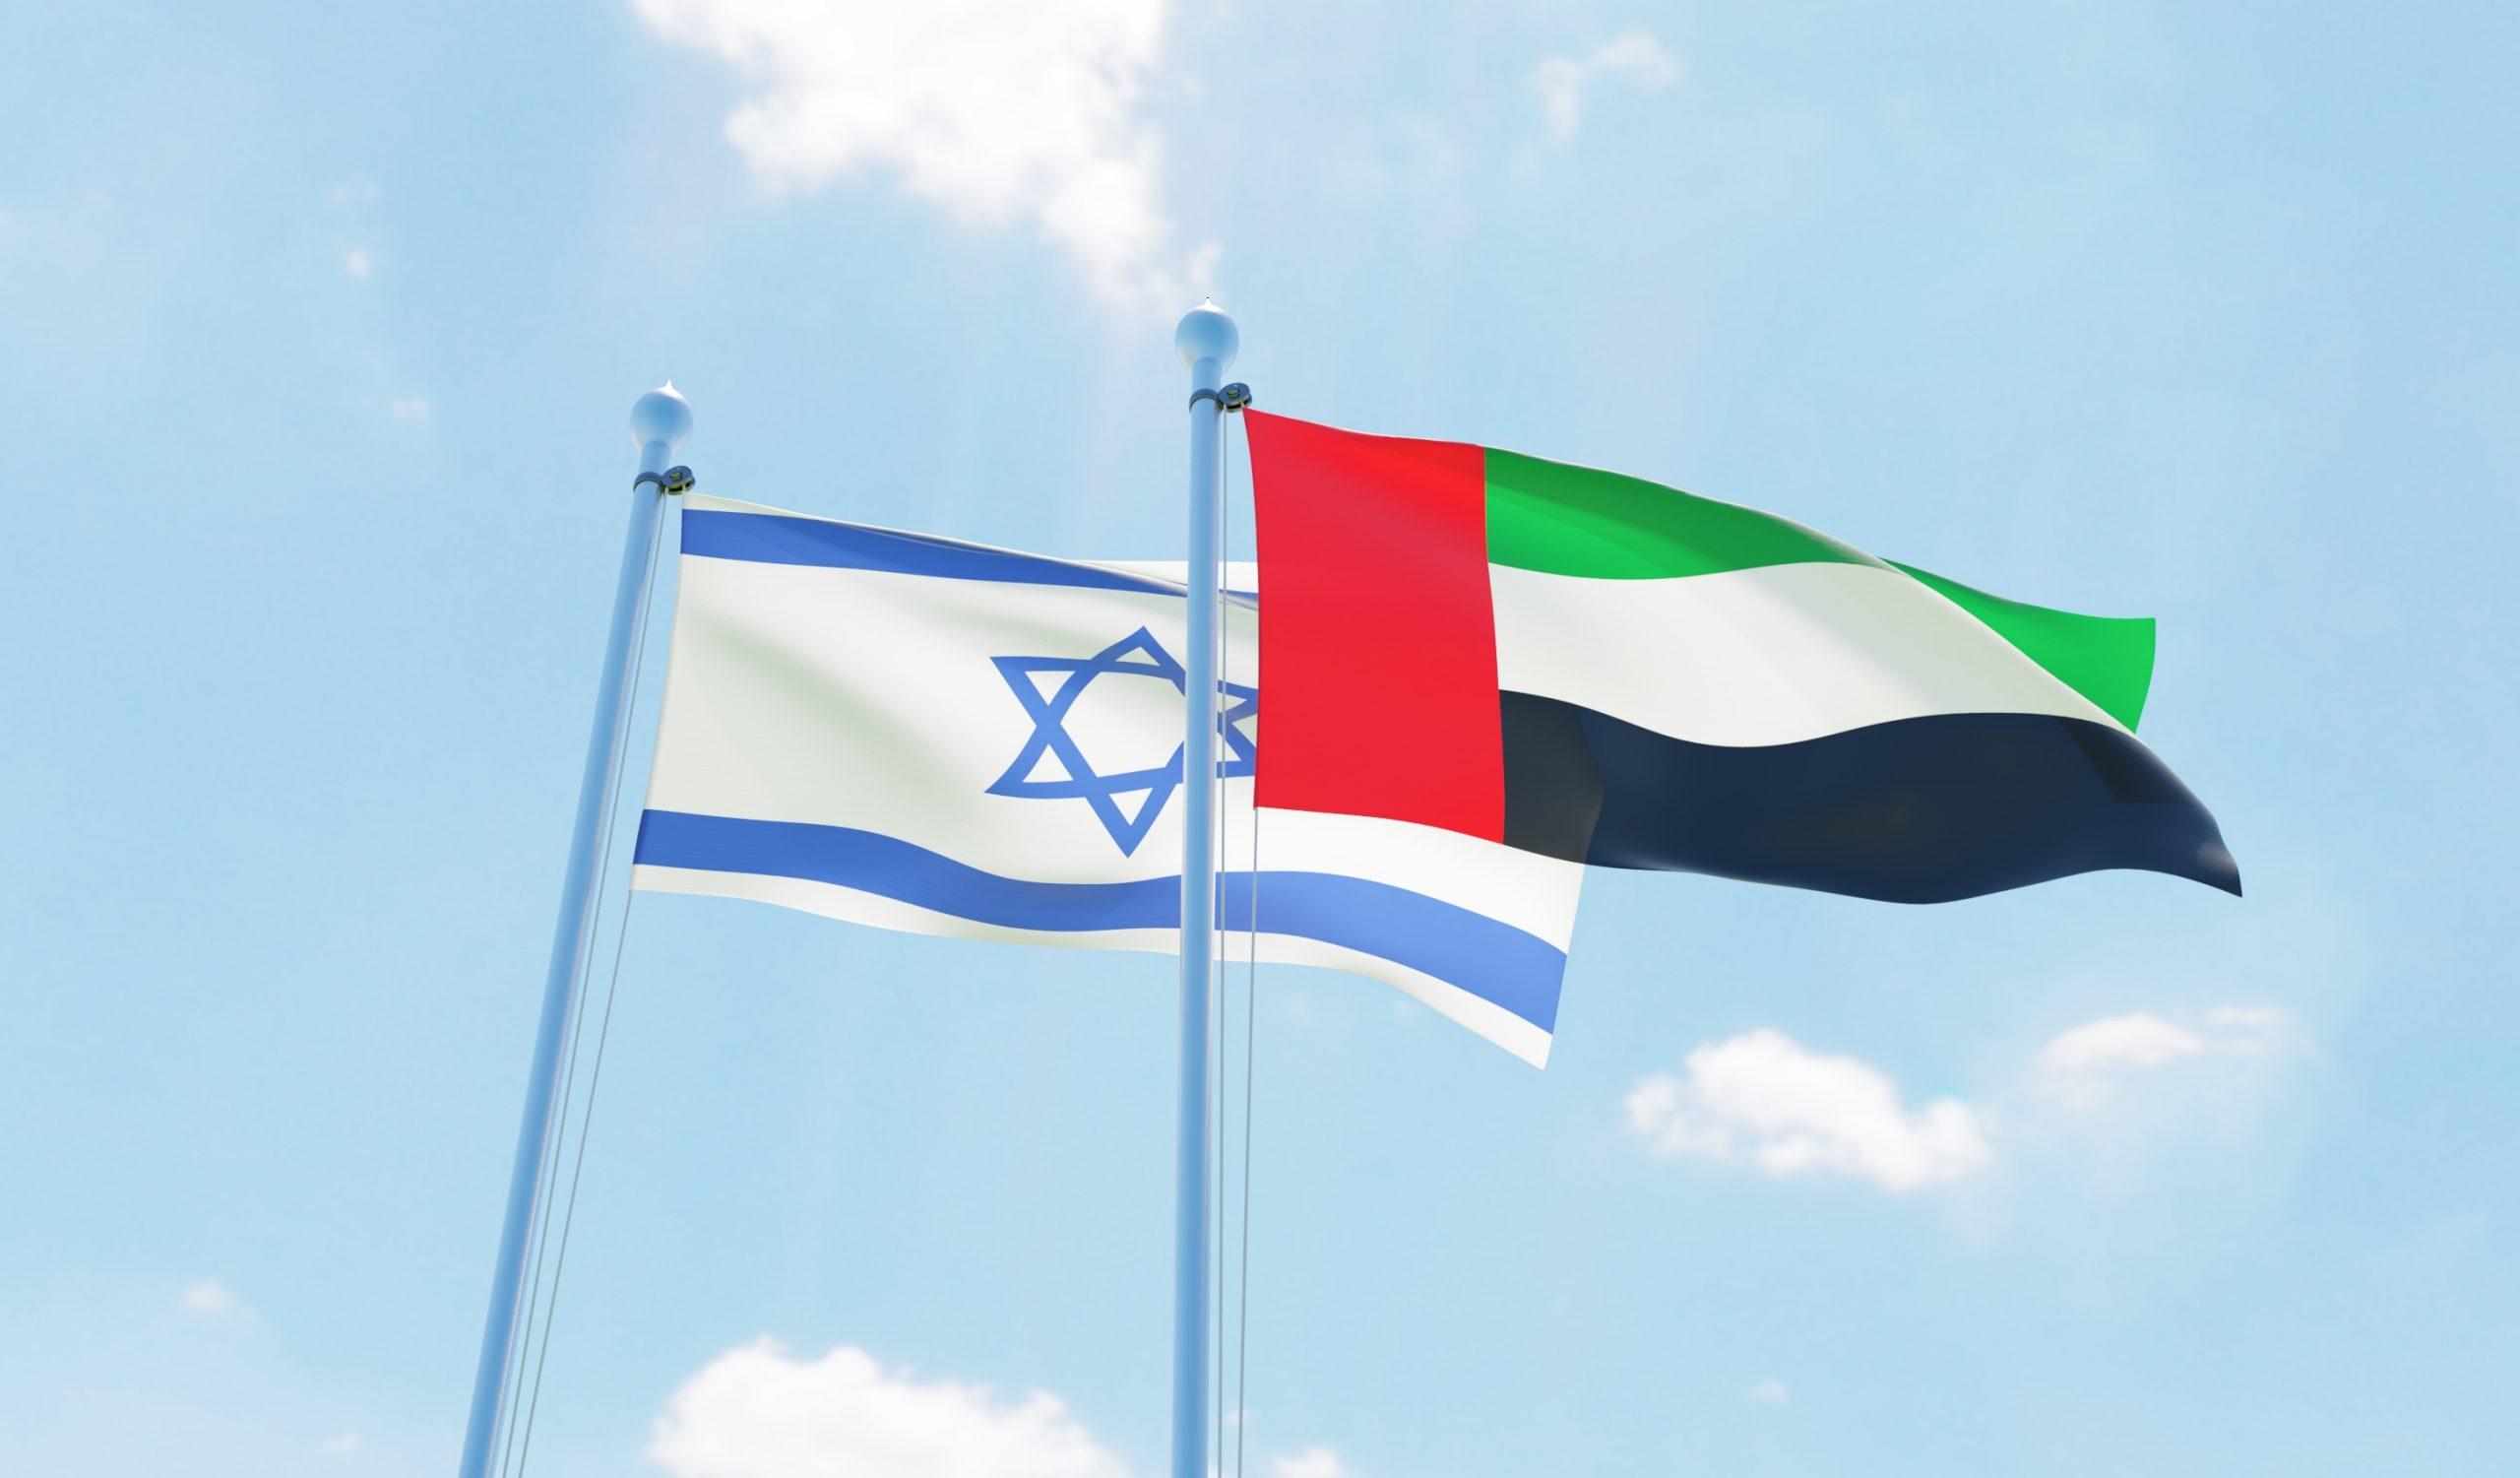 الإمارات تعلن عن صندوق بقيمة 10 مليارات دولار للاستثمار في إسرائيل